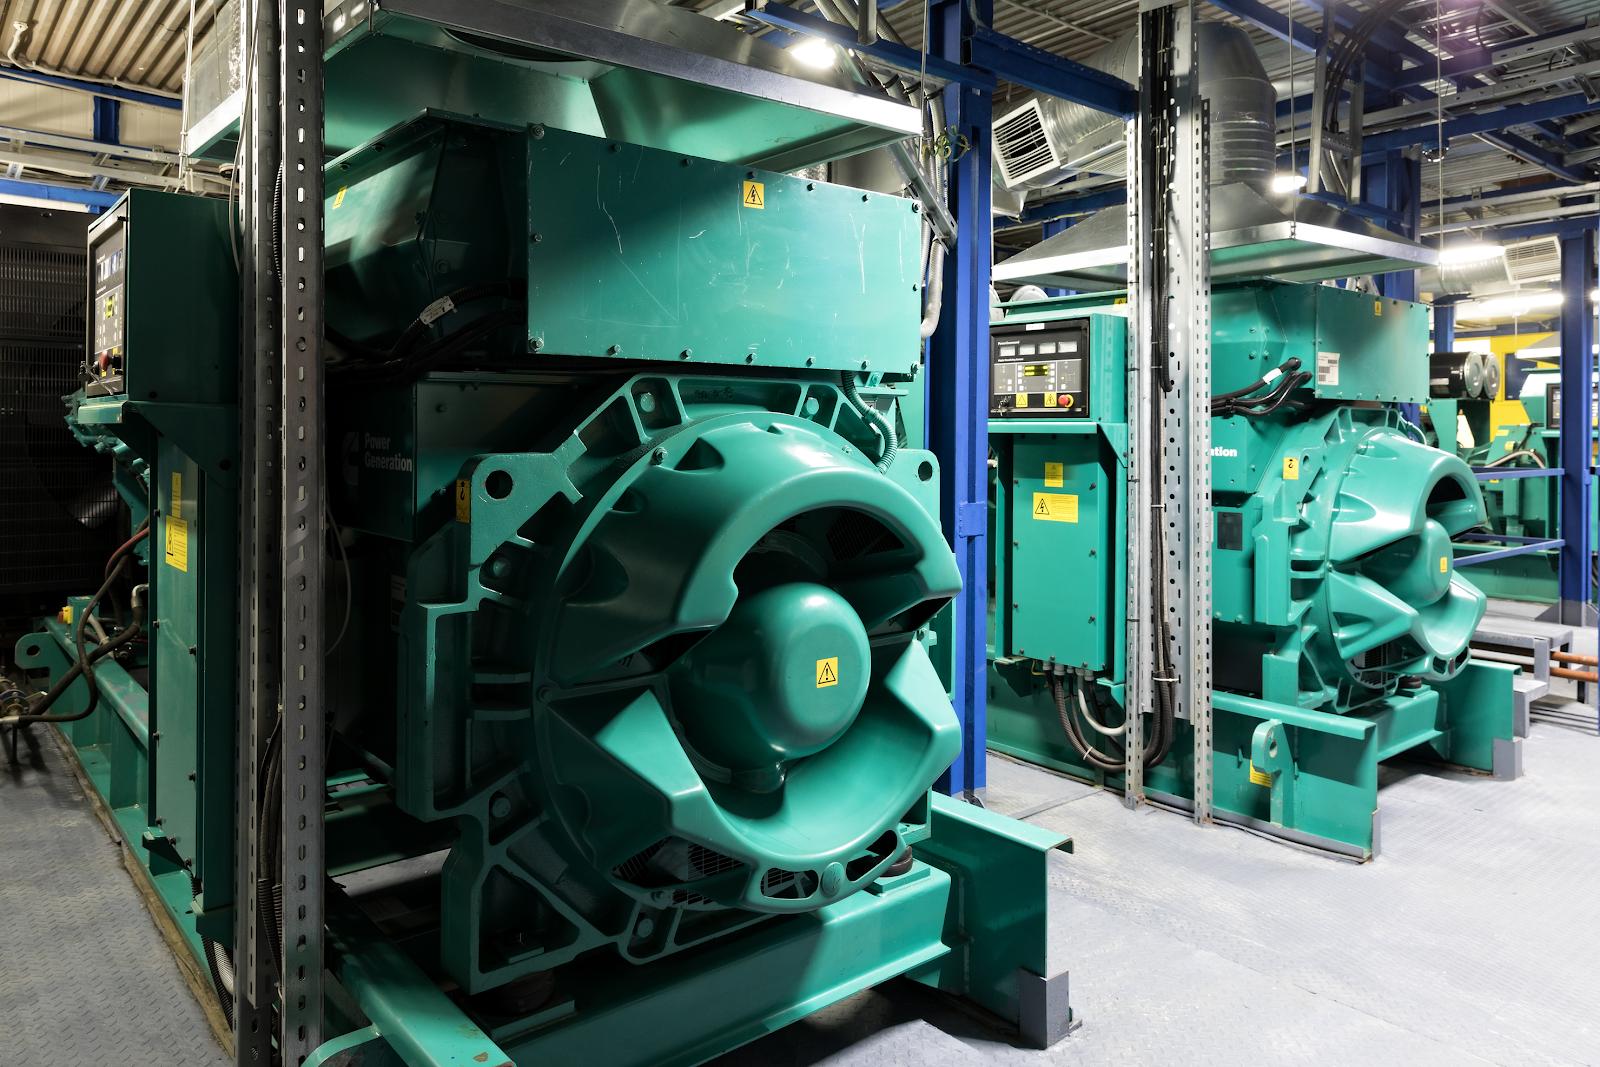 Топливный мониторинг для дизель-генераторов ЦОДа – как его делать и почему это так важно?